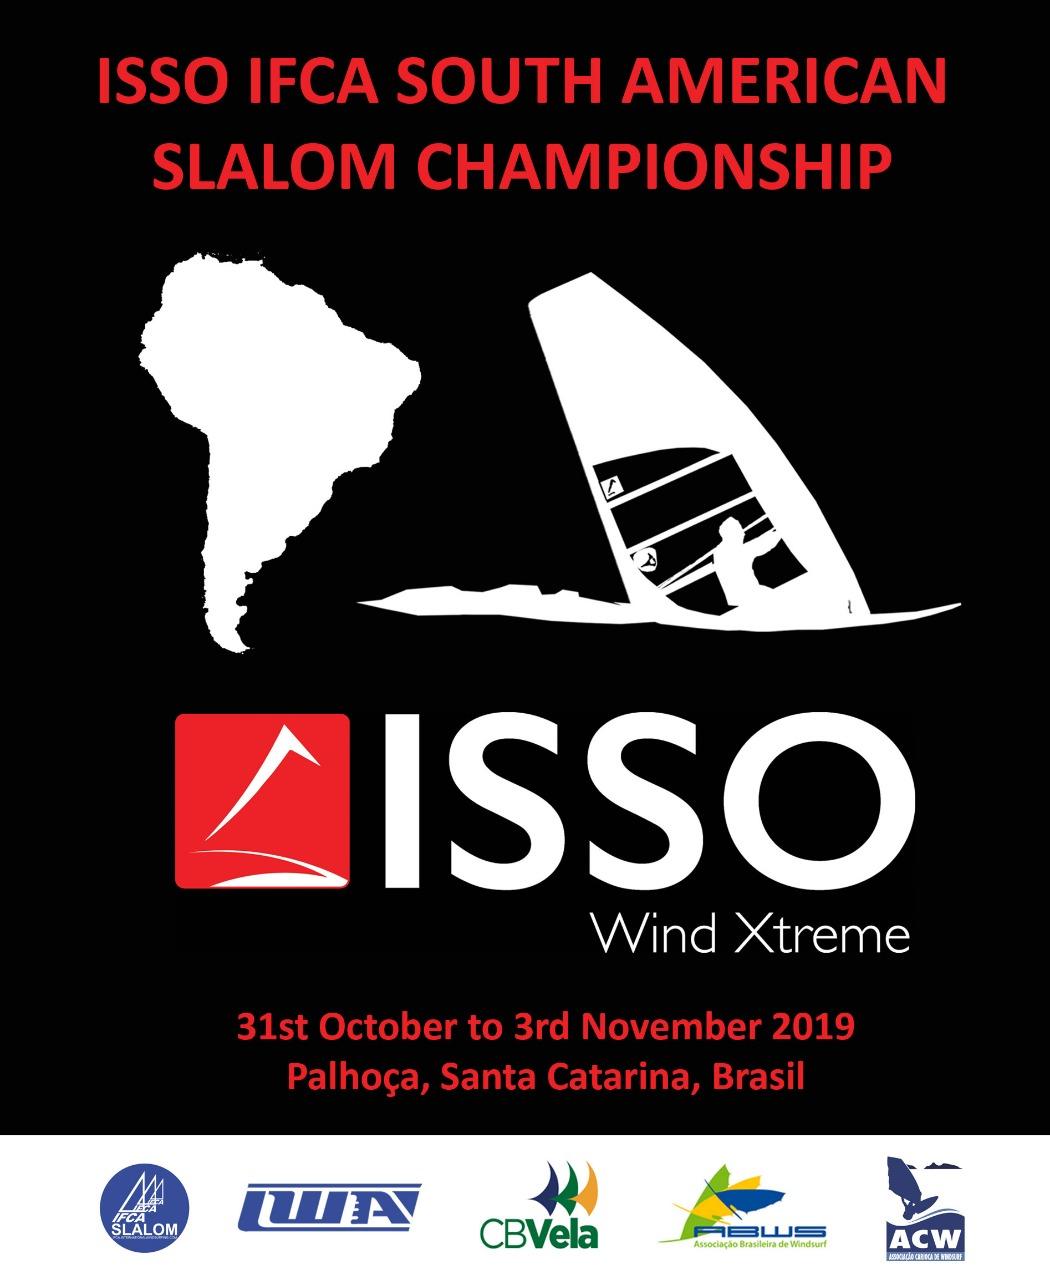 Mais de 30 velejadores de quatro países já estão inscritos para as disputas do 2019 ISSO IFCA South American Slalom Championship